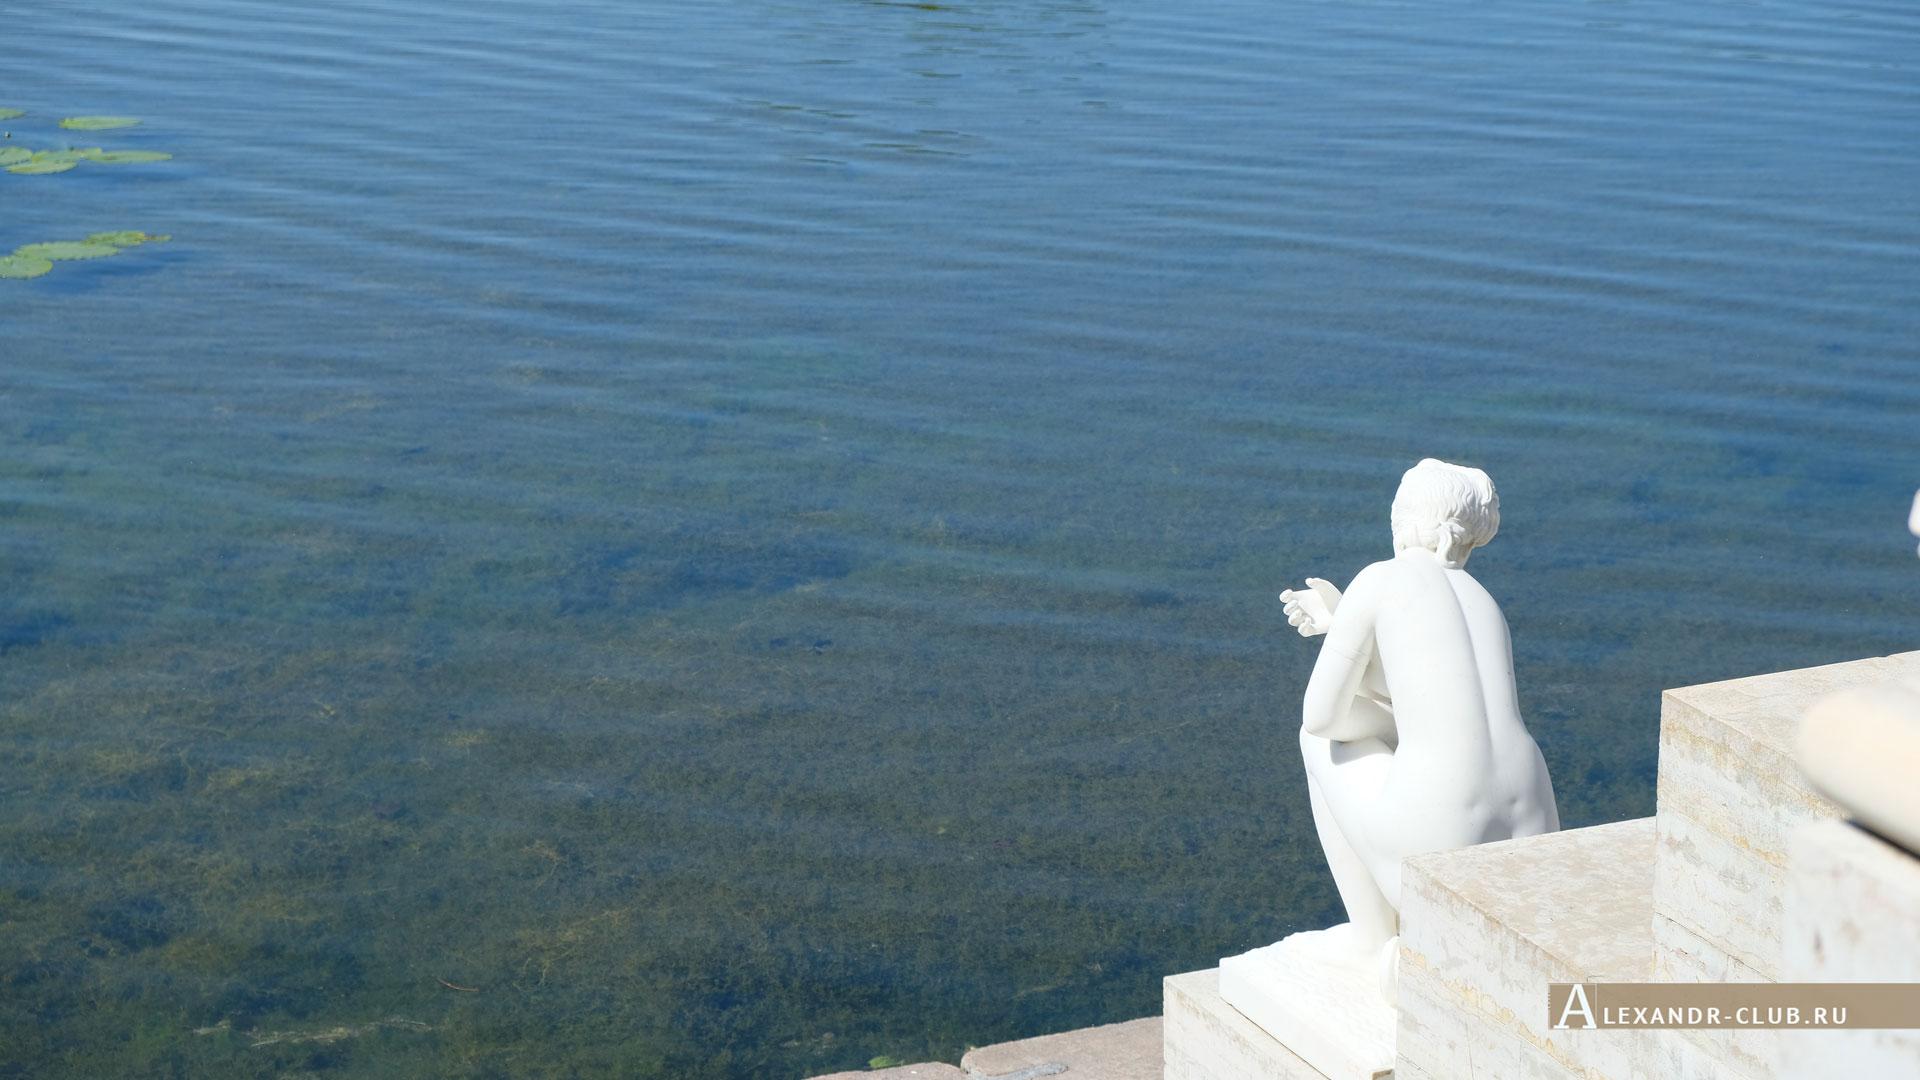 Петергоф, Колонистский парк, лето, Царицын павильон, статуя